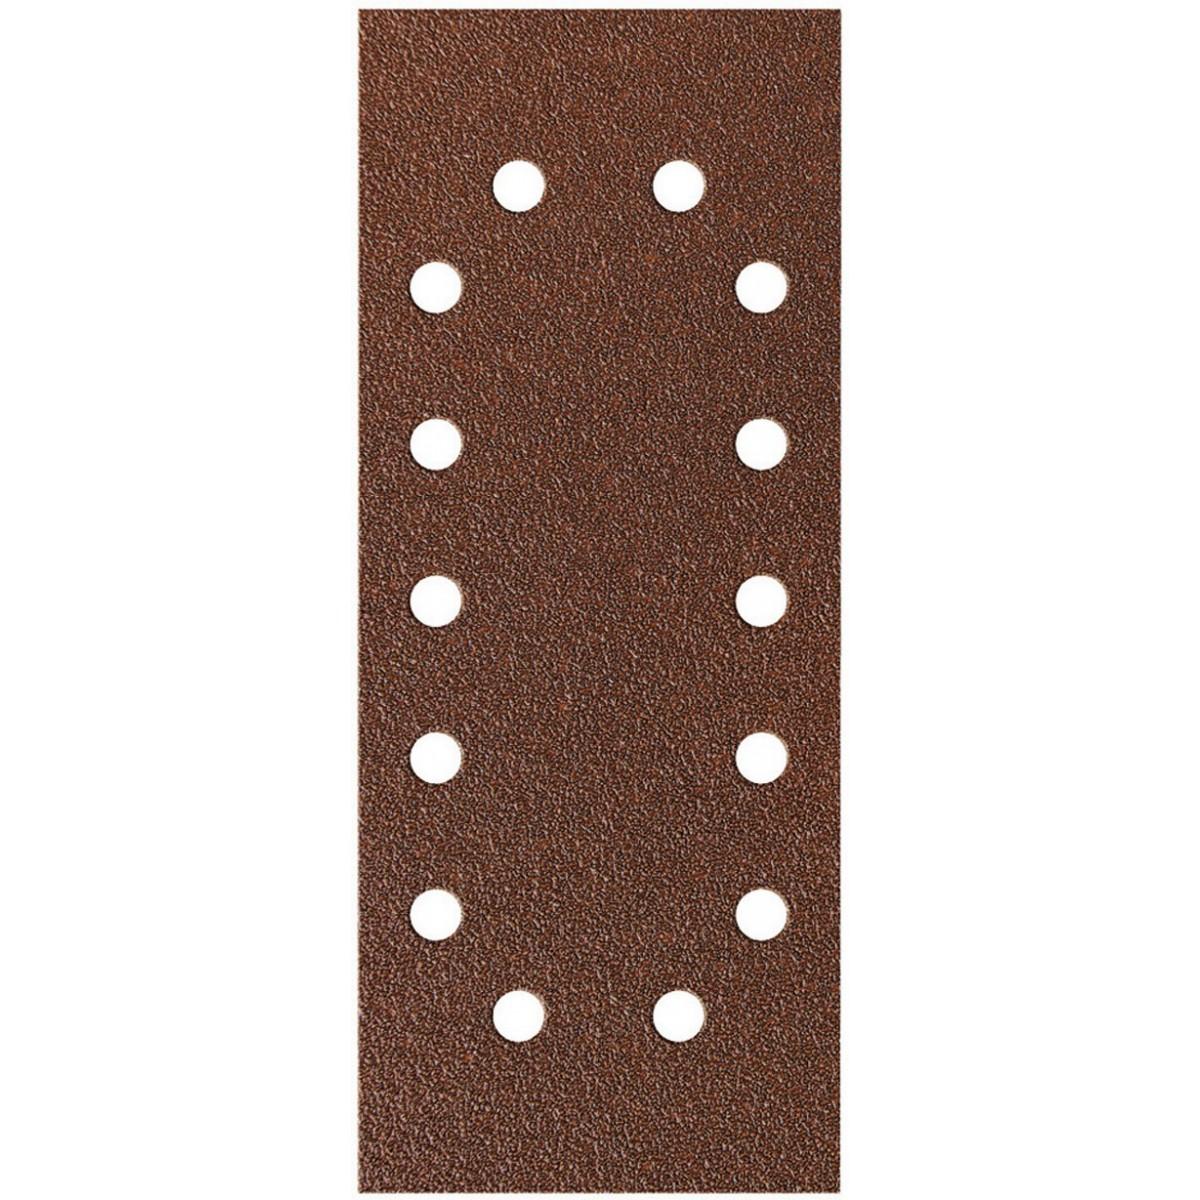 Patin fixation avec pince SCID - 14 trous - Grain 120 - Dimensions 115 x 280 mm - Vendu par 8